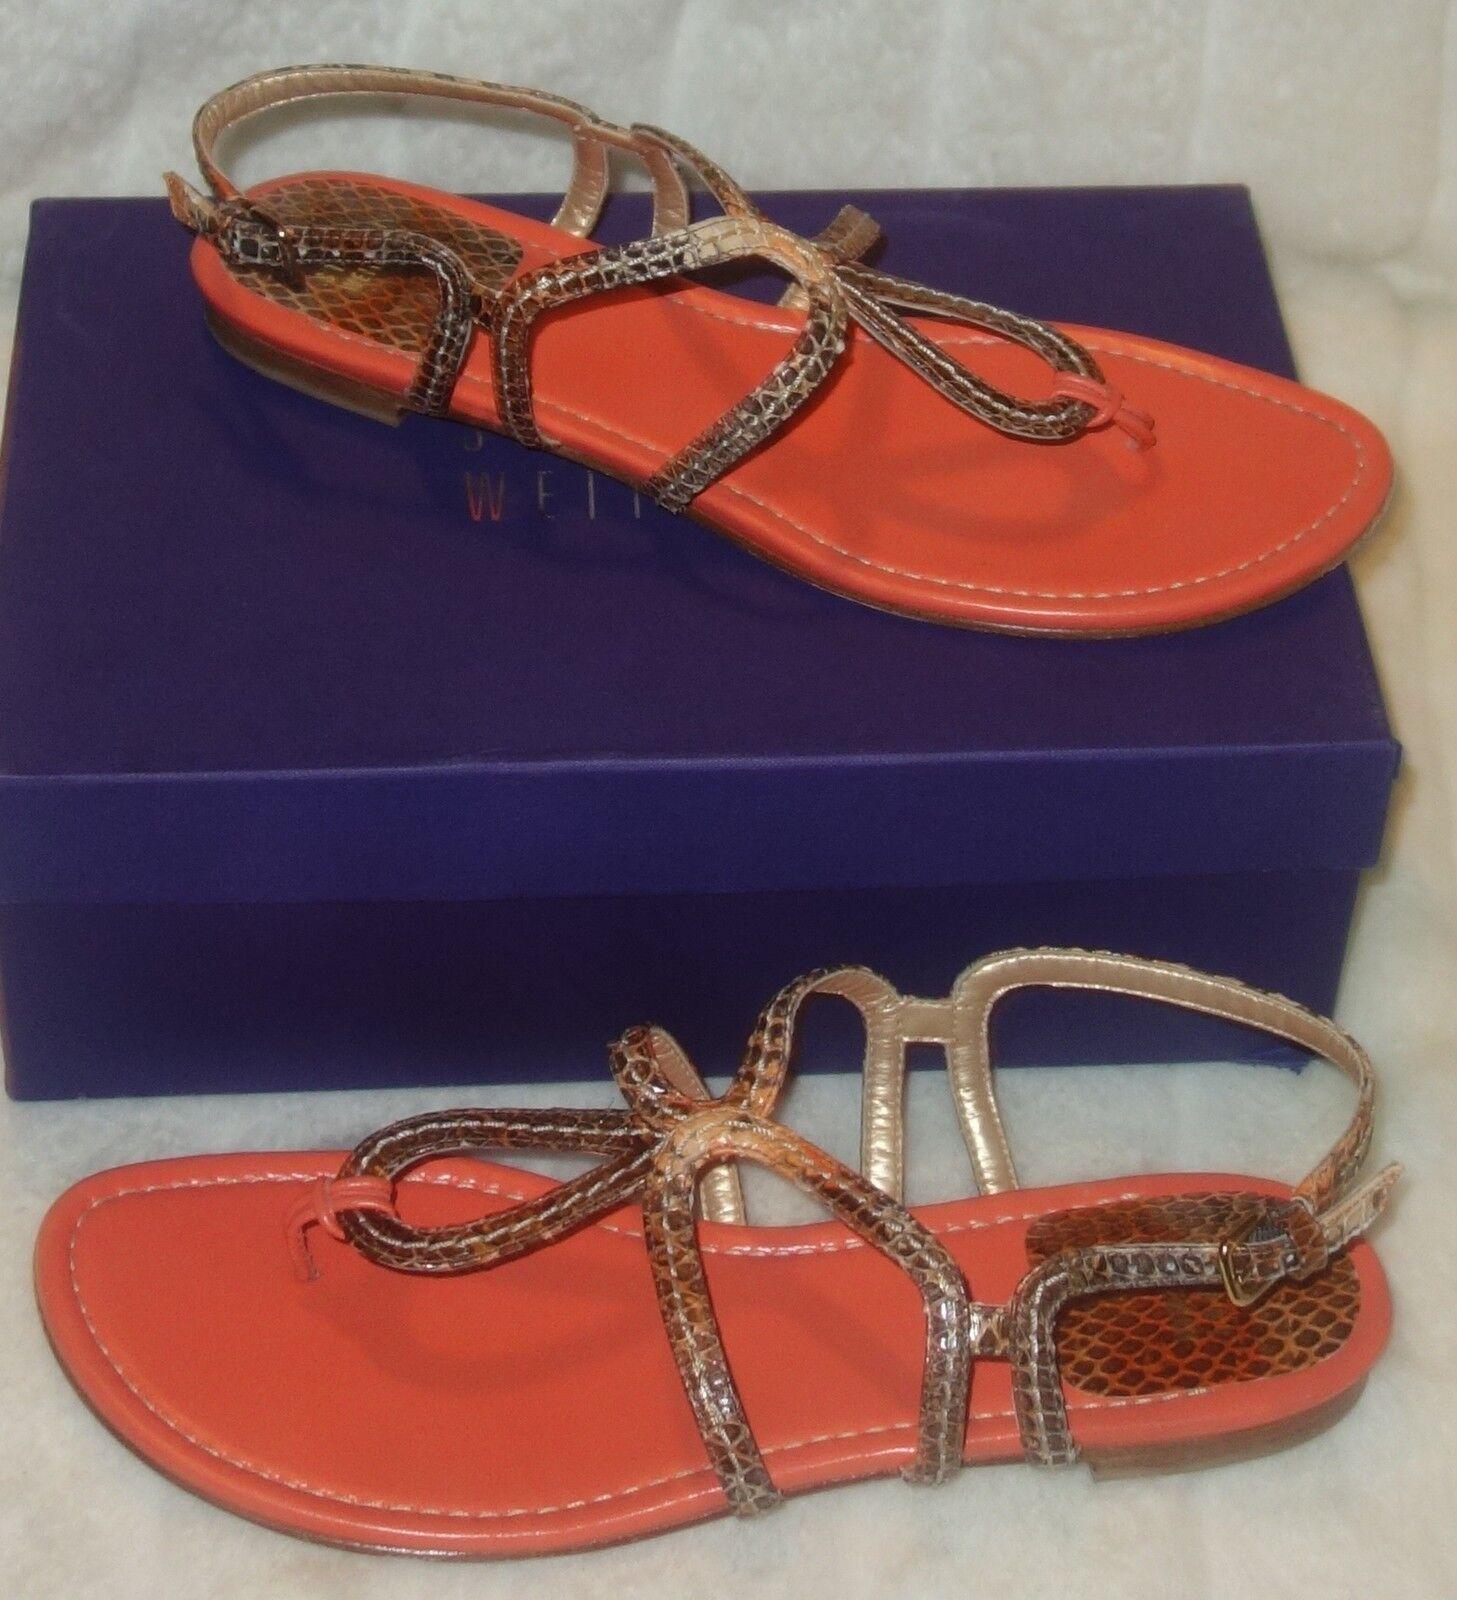 Stuart Weitzman eyespy Orange sea snake Sandals sz 41 US SZ 10 new